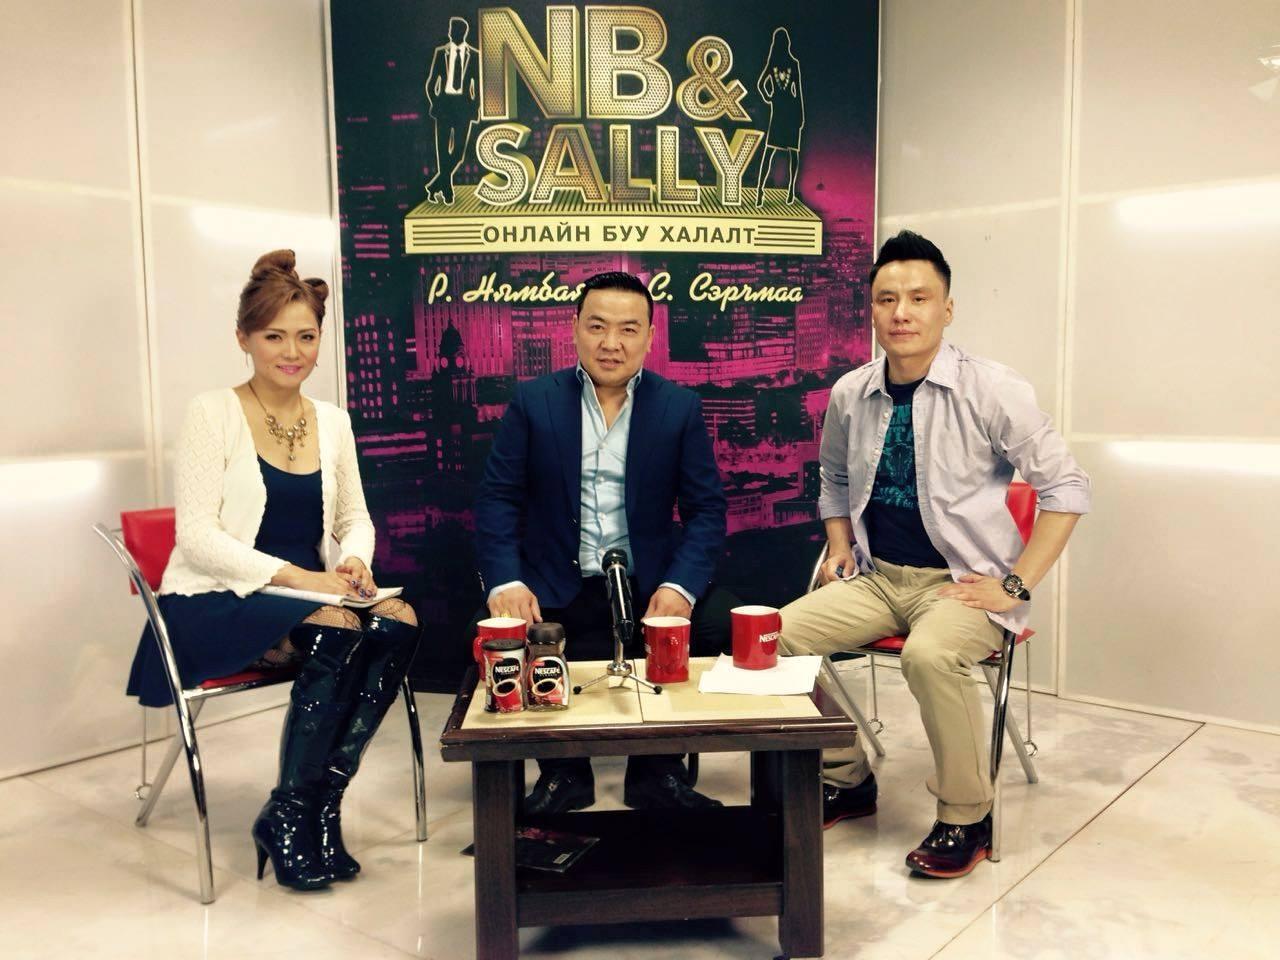 NB & SALLY нэвтрүүлэгт жүжигчин Аглуу оролцлоо